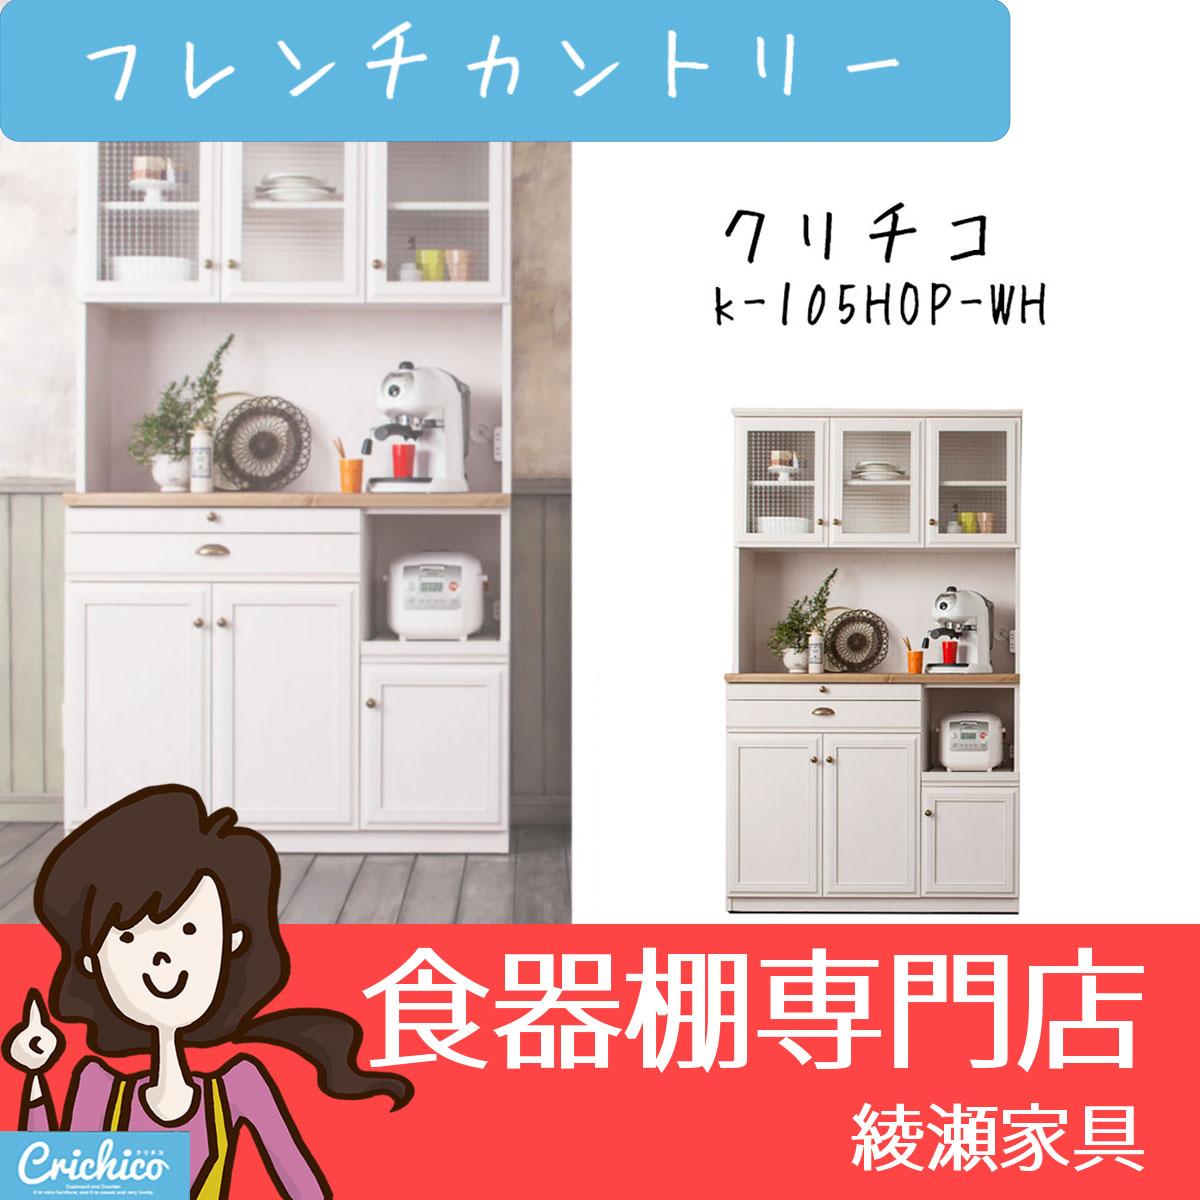 ユーアイ クリチコ カントリー調の食器棚 木目ホワイト K-105HOP